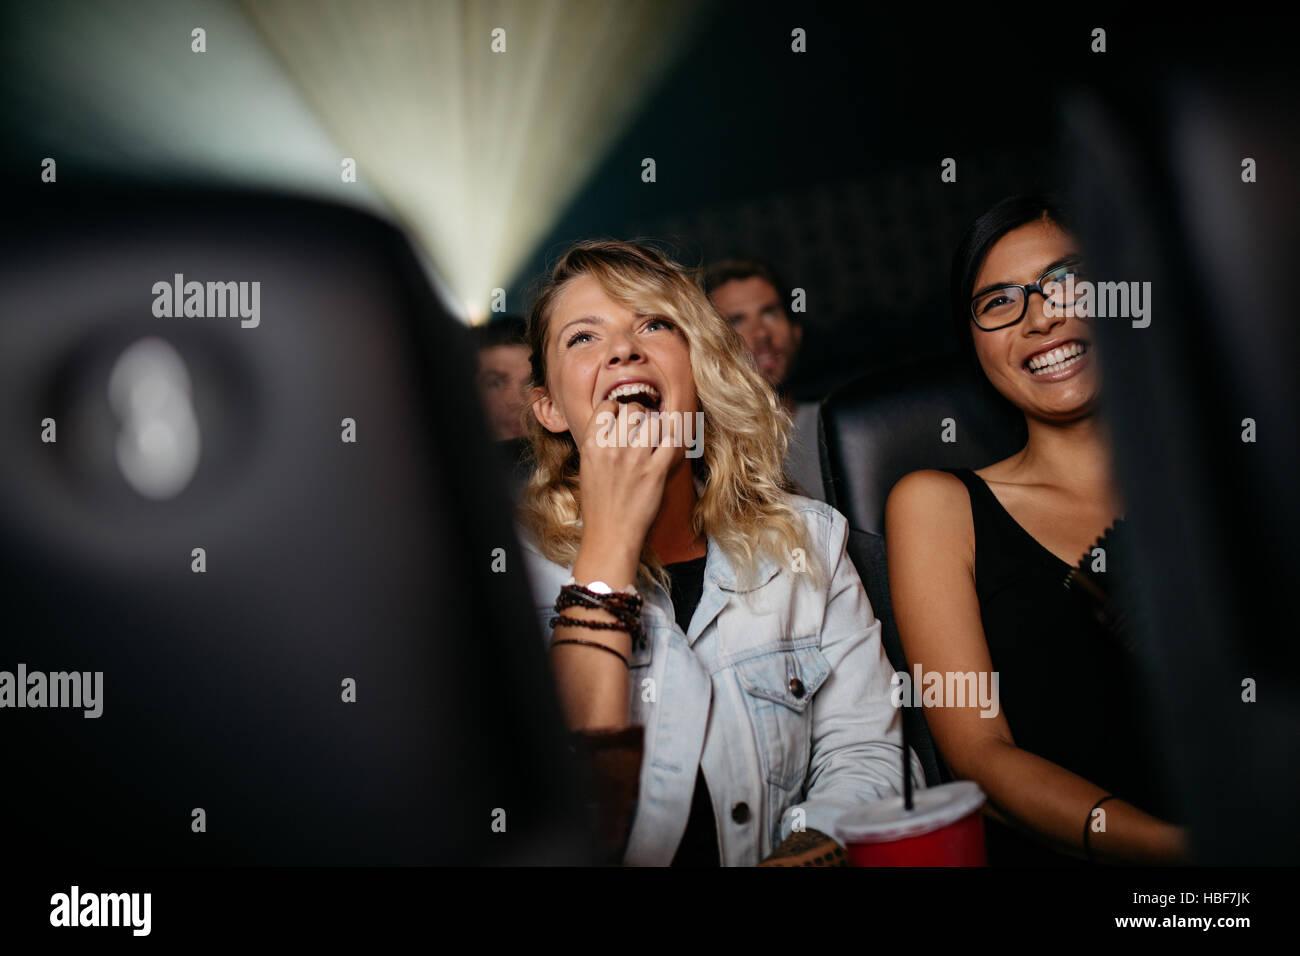 Souriante jeune femme dans salle de cinéma eating popcorn et regarder la vidéo Banque D'Images